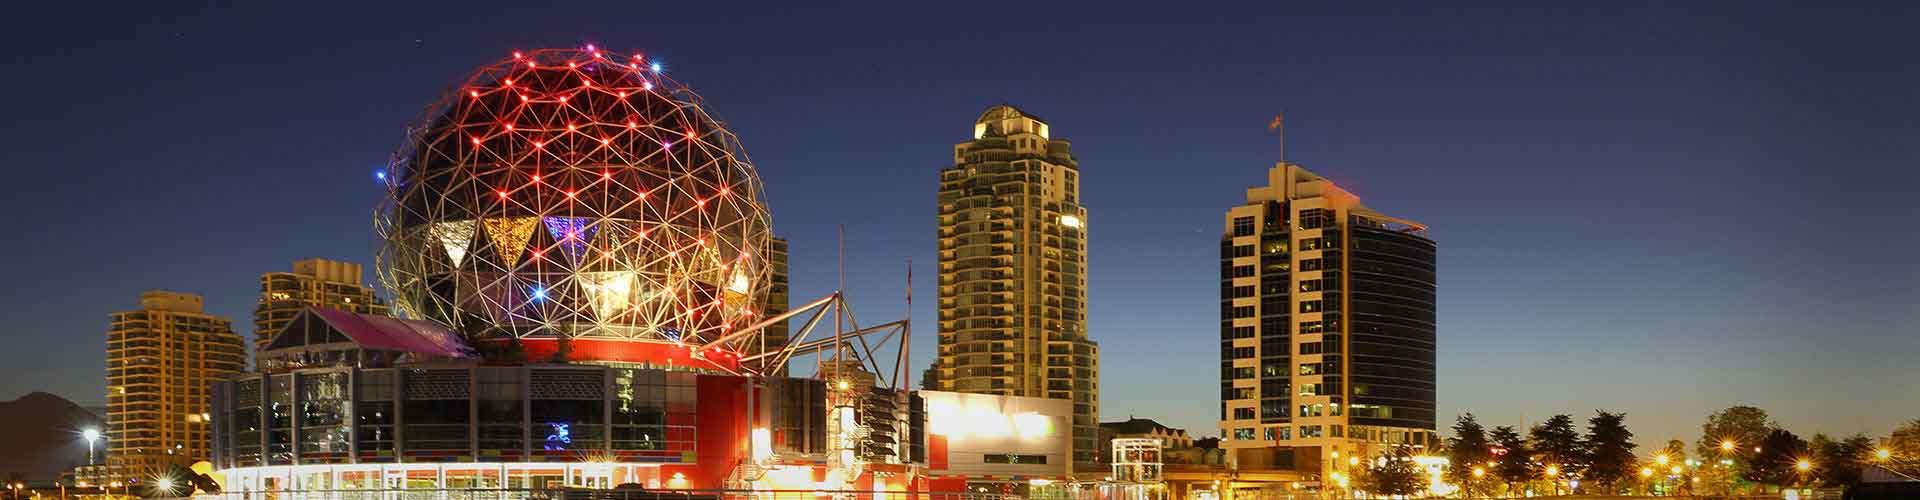 Vancouver - Ifjúsági Szállások Vancouverben. Vancouver térképek, fotók és ajánlások minden egyes ifjúsági szállásokra Vancouver-ben.